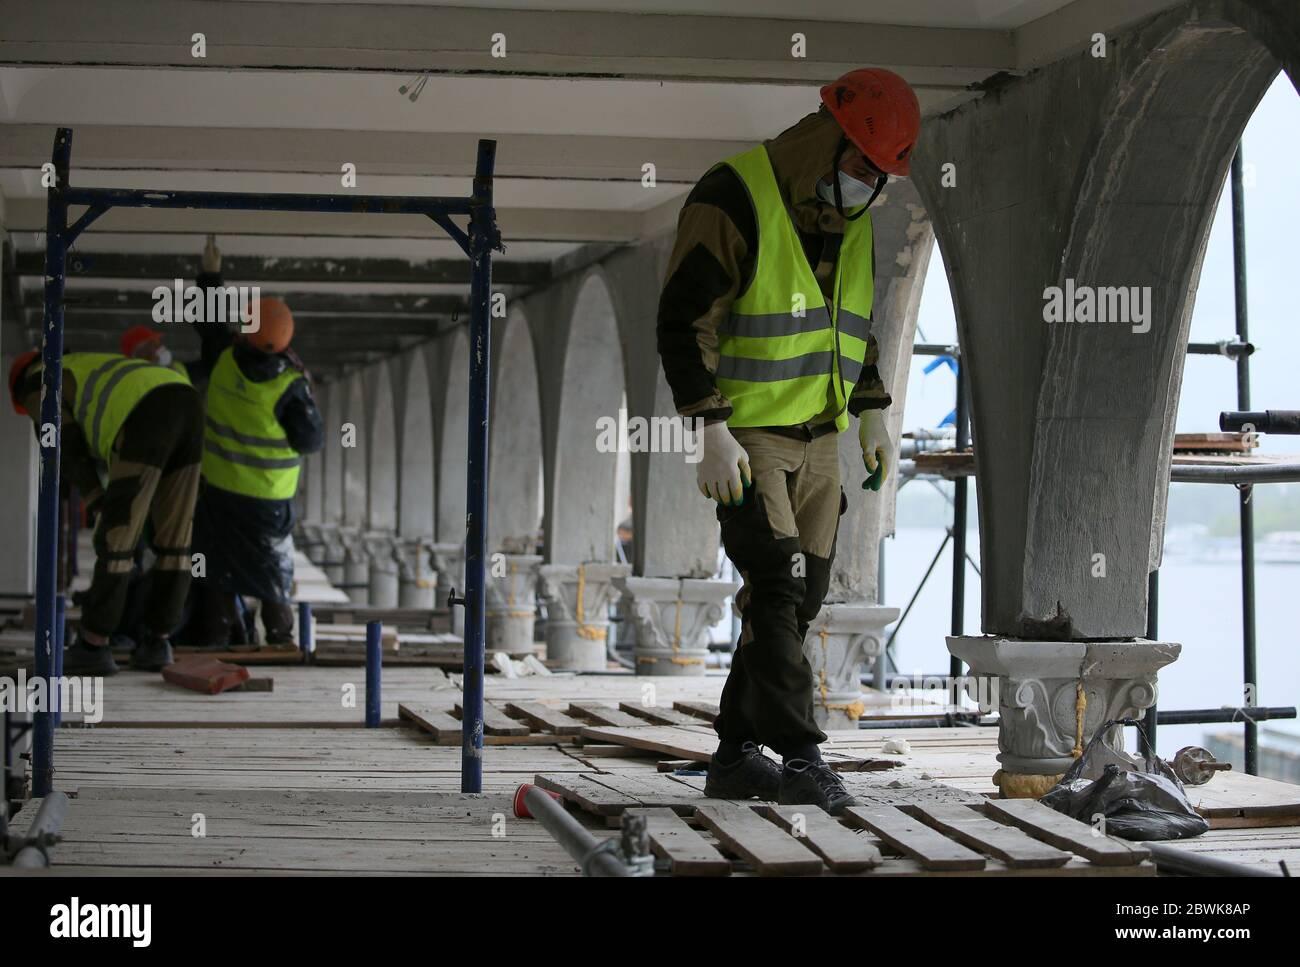 Mosca, Russia. 2 Giugno 2020. I lavoratori sono visti presso il sito di ricostruzione del North River Terminal. Credit: Gavriil Grigorov/TASS/Alamy Live News Foto Stock